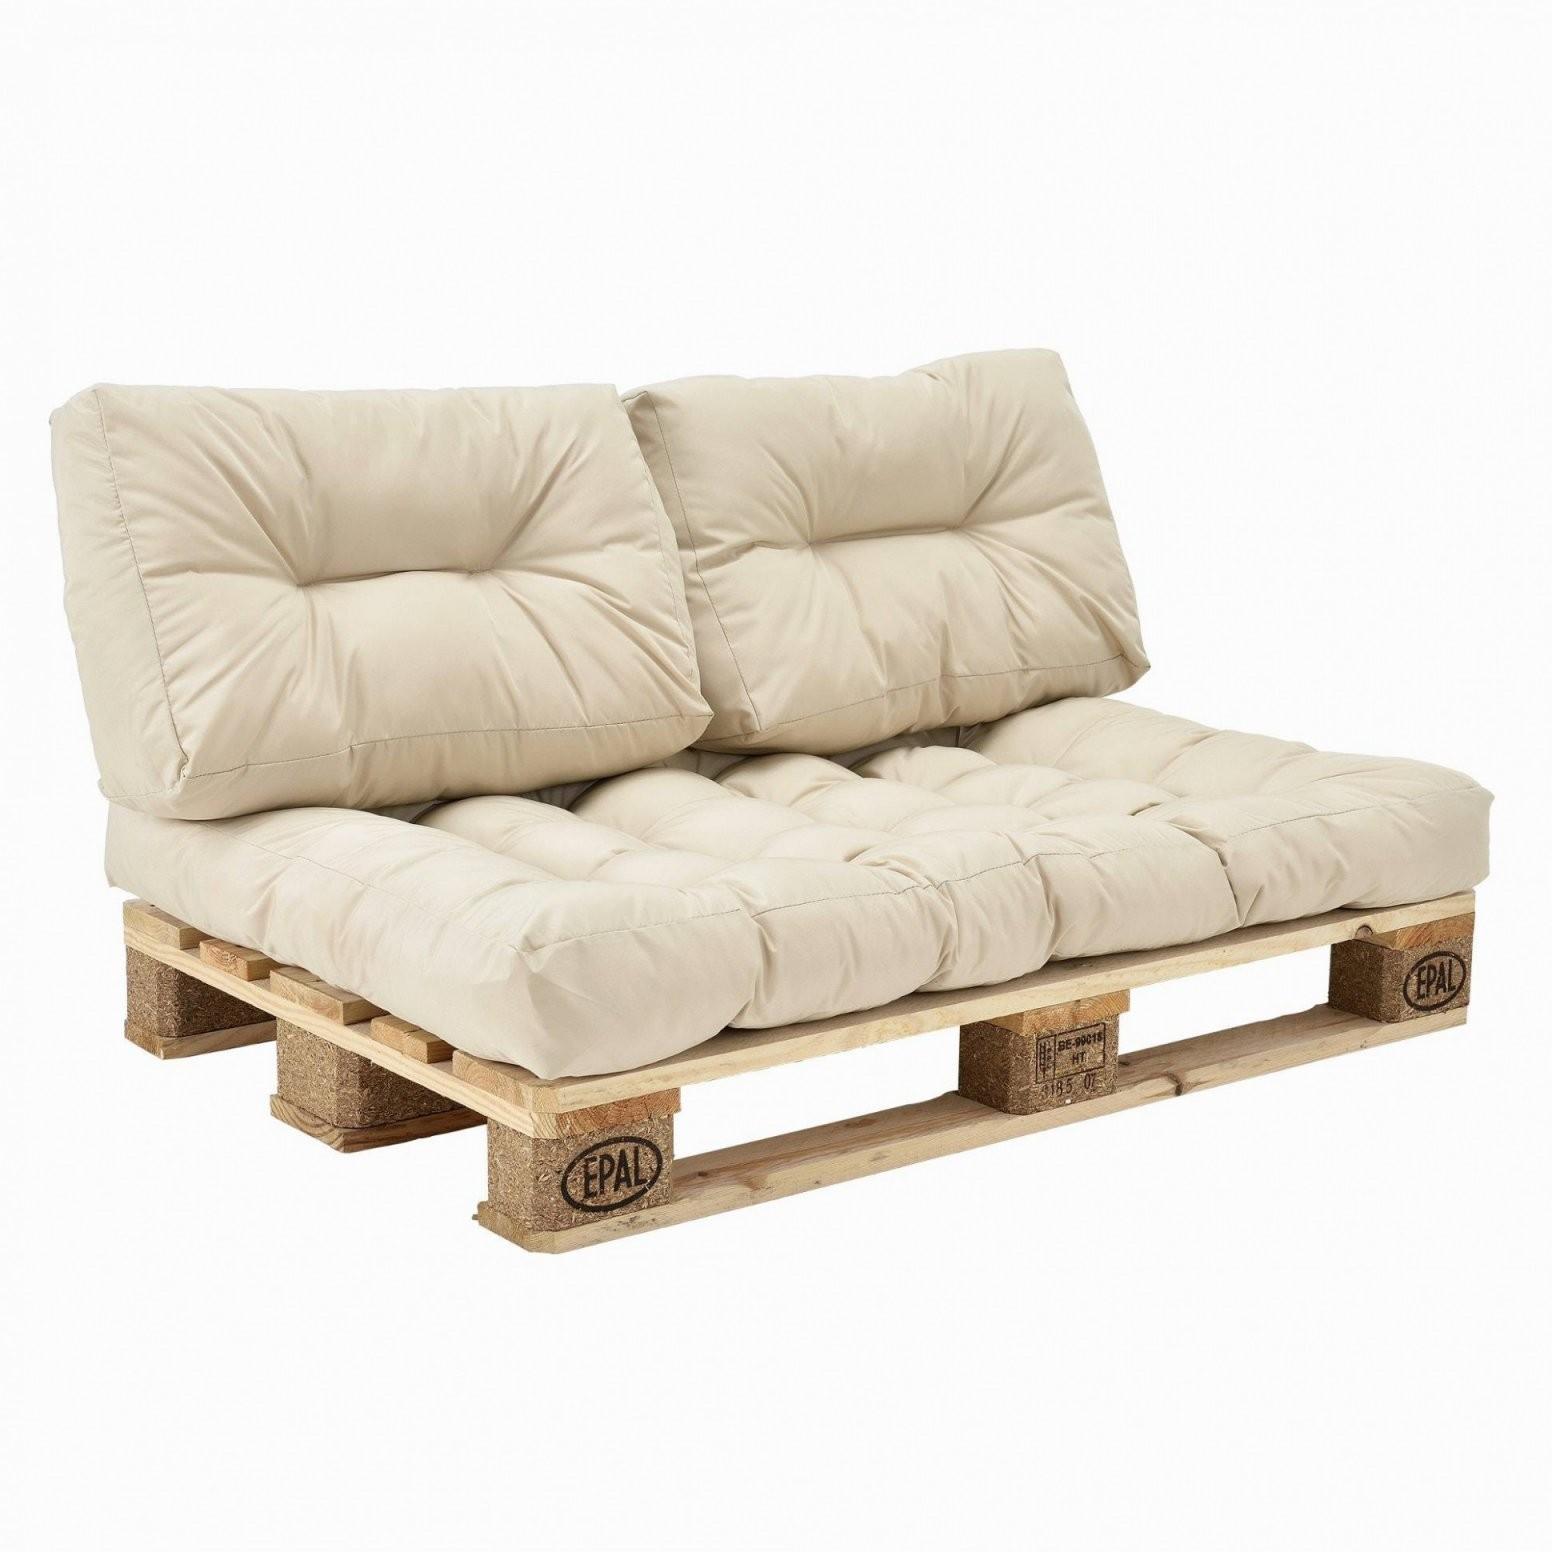 Neu Kleine Sofas Für Jugendzimmer  Home Image Ideen von Kleine Couch Für Jugendzimmer Bild